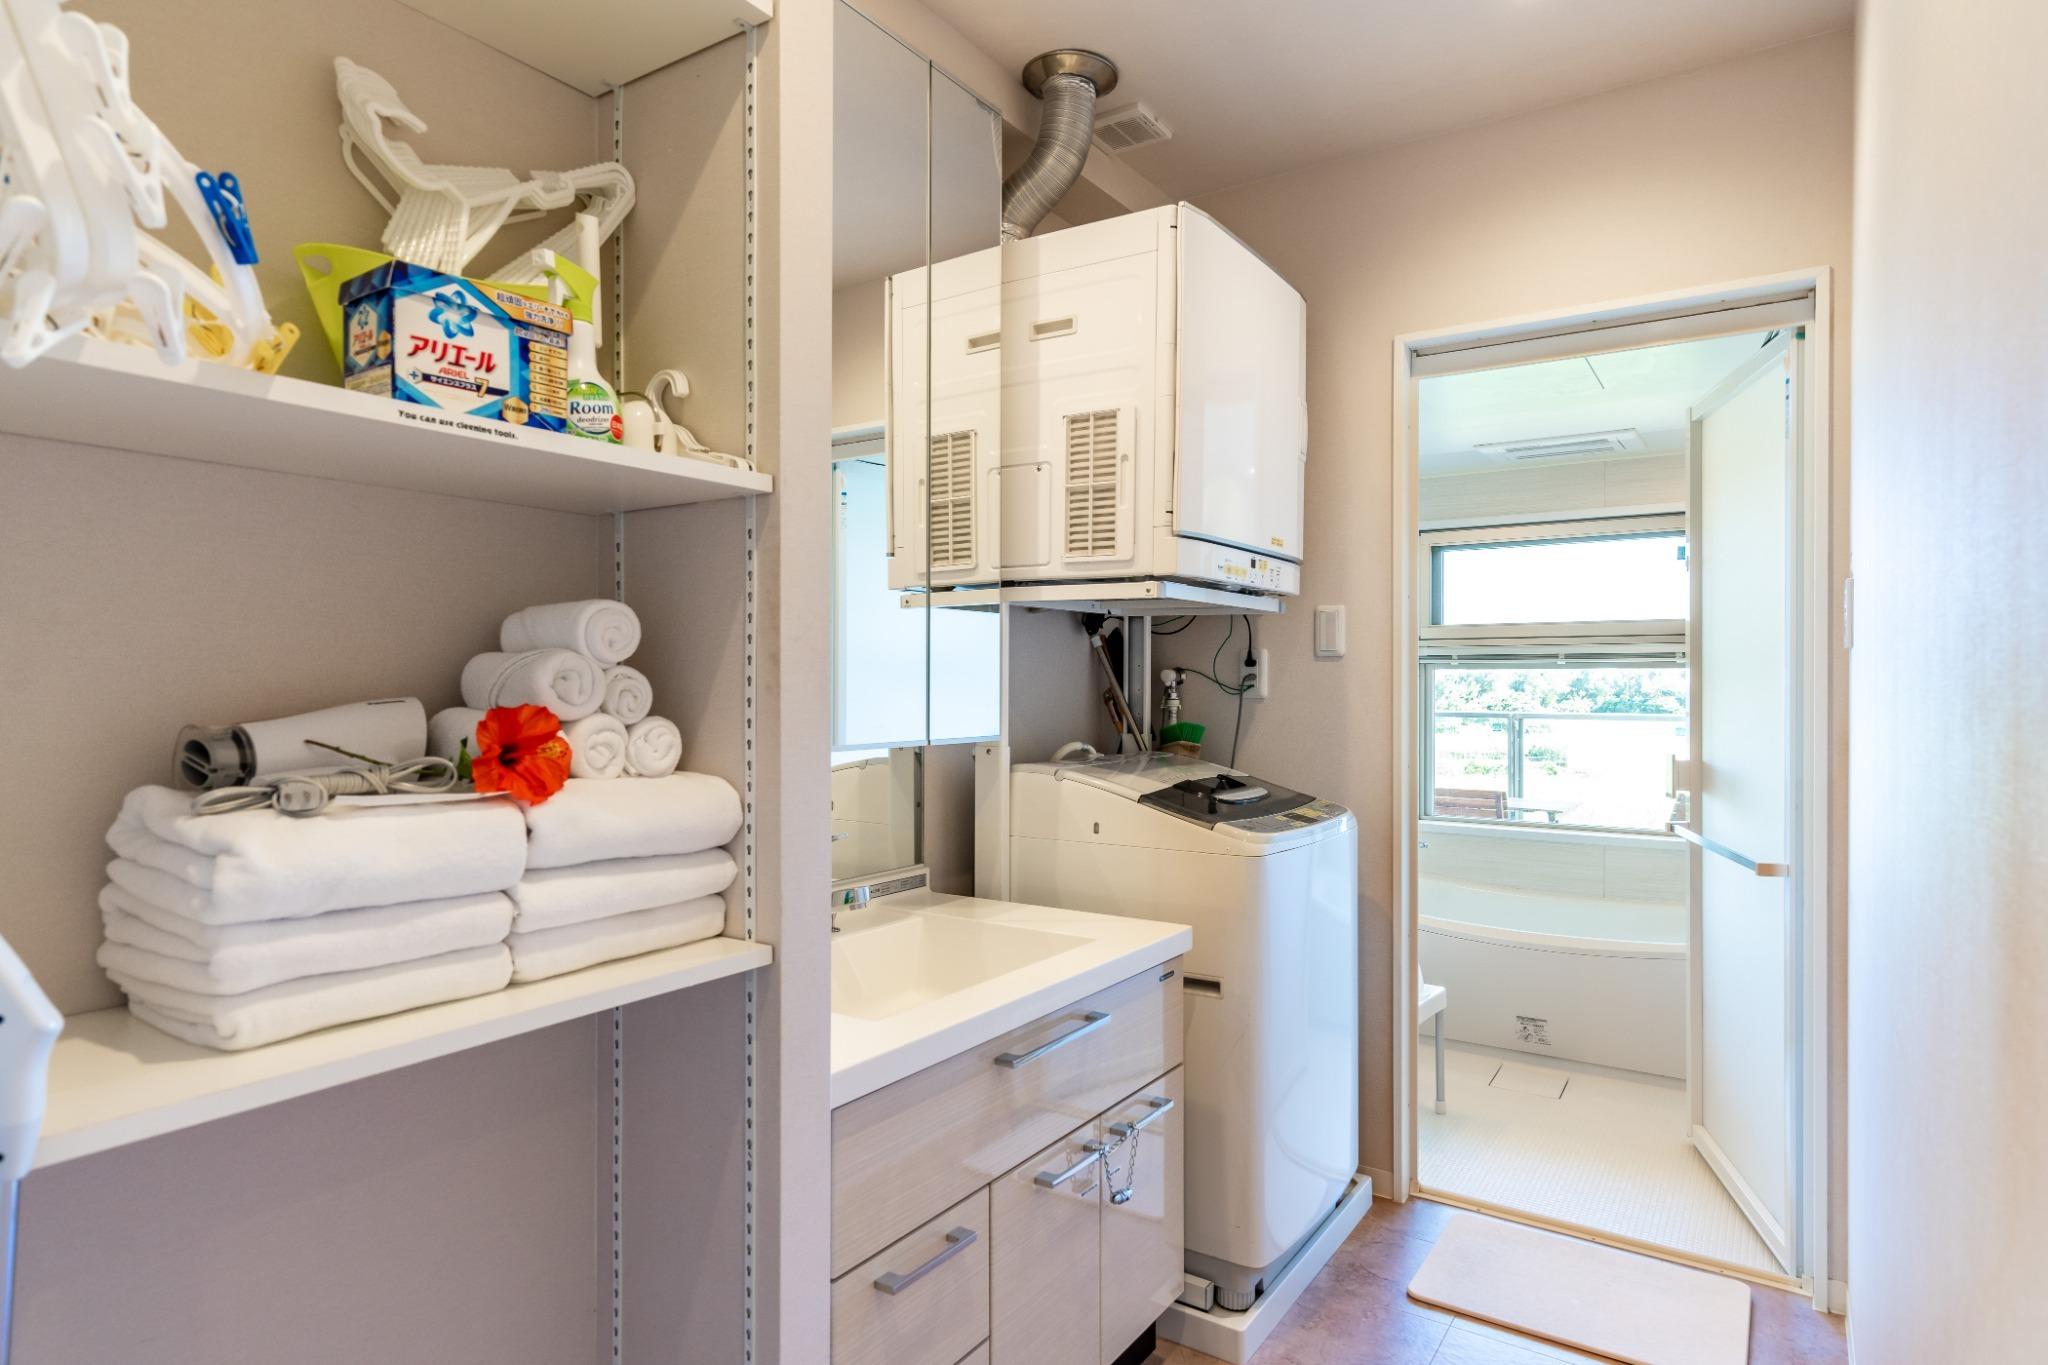 広々、脱衣所。洗濯機、ガス乾燥機完備。